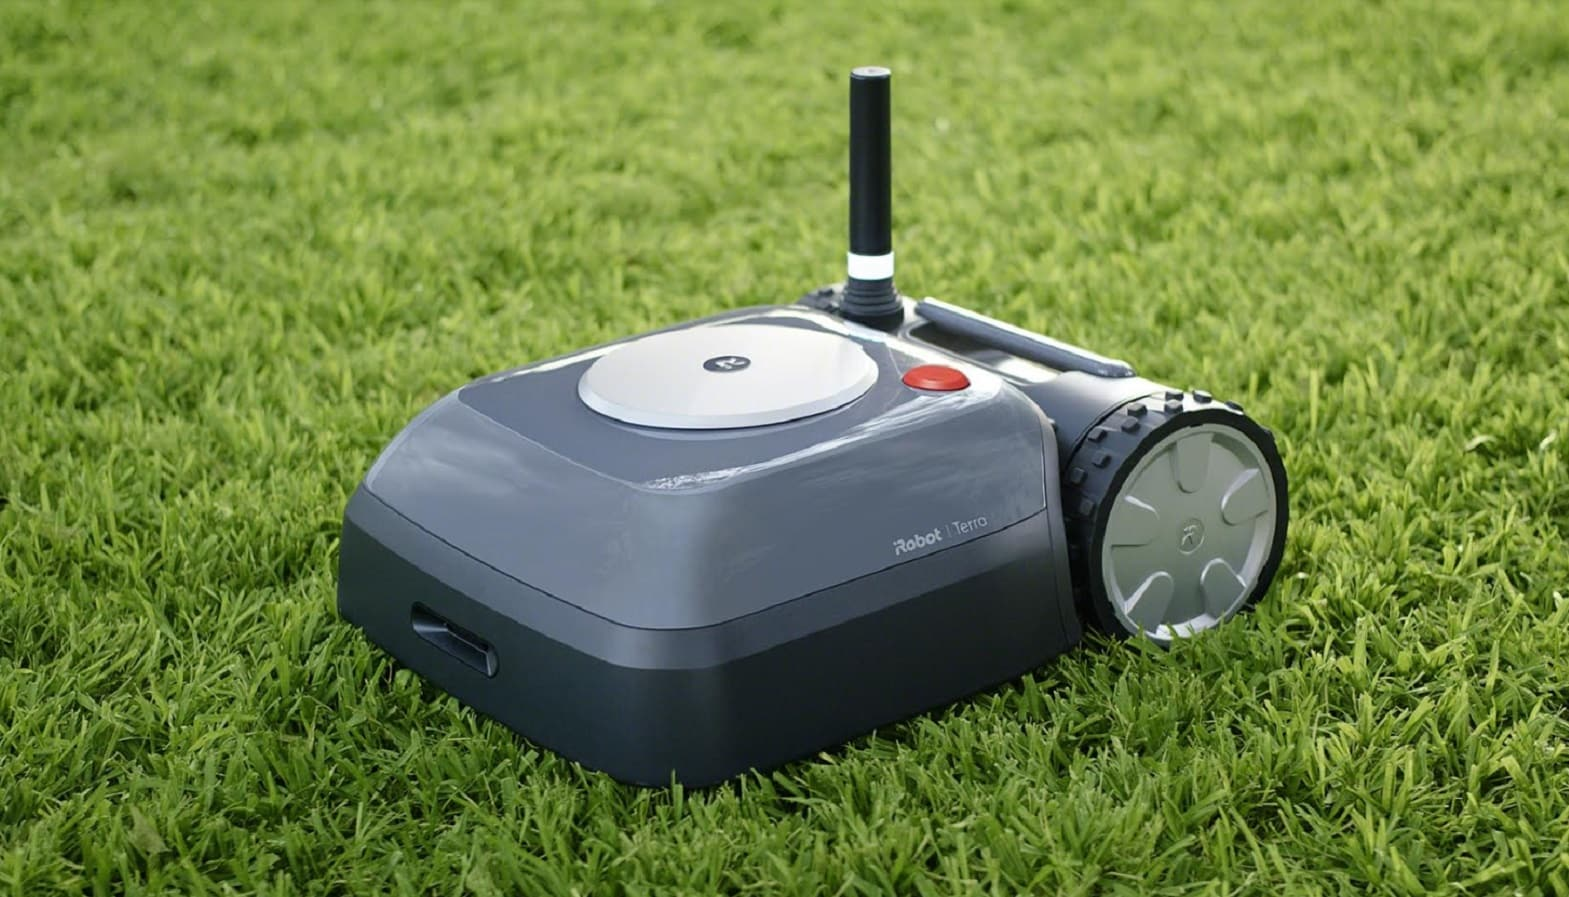 irobot terra lawn mower